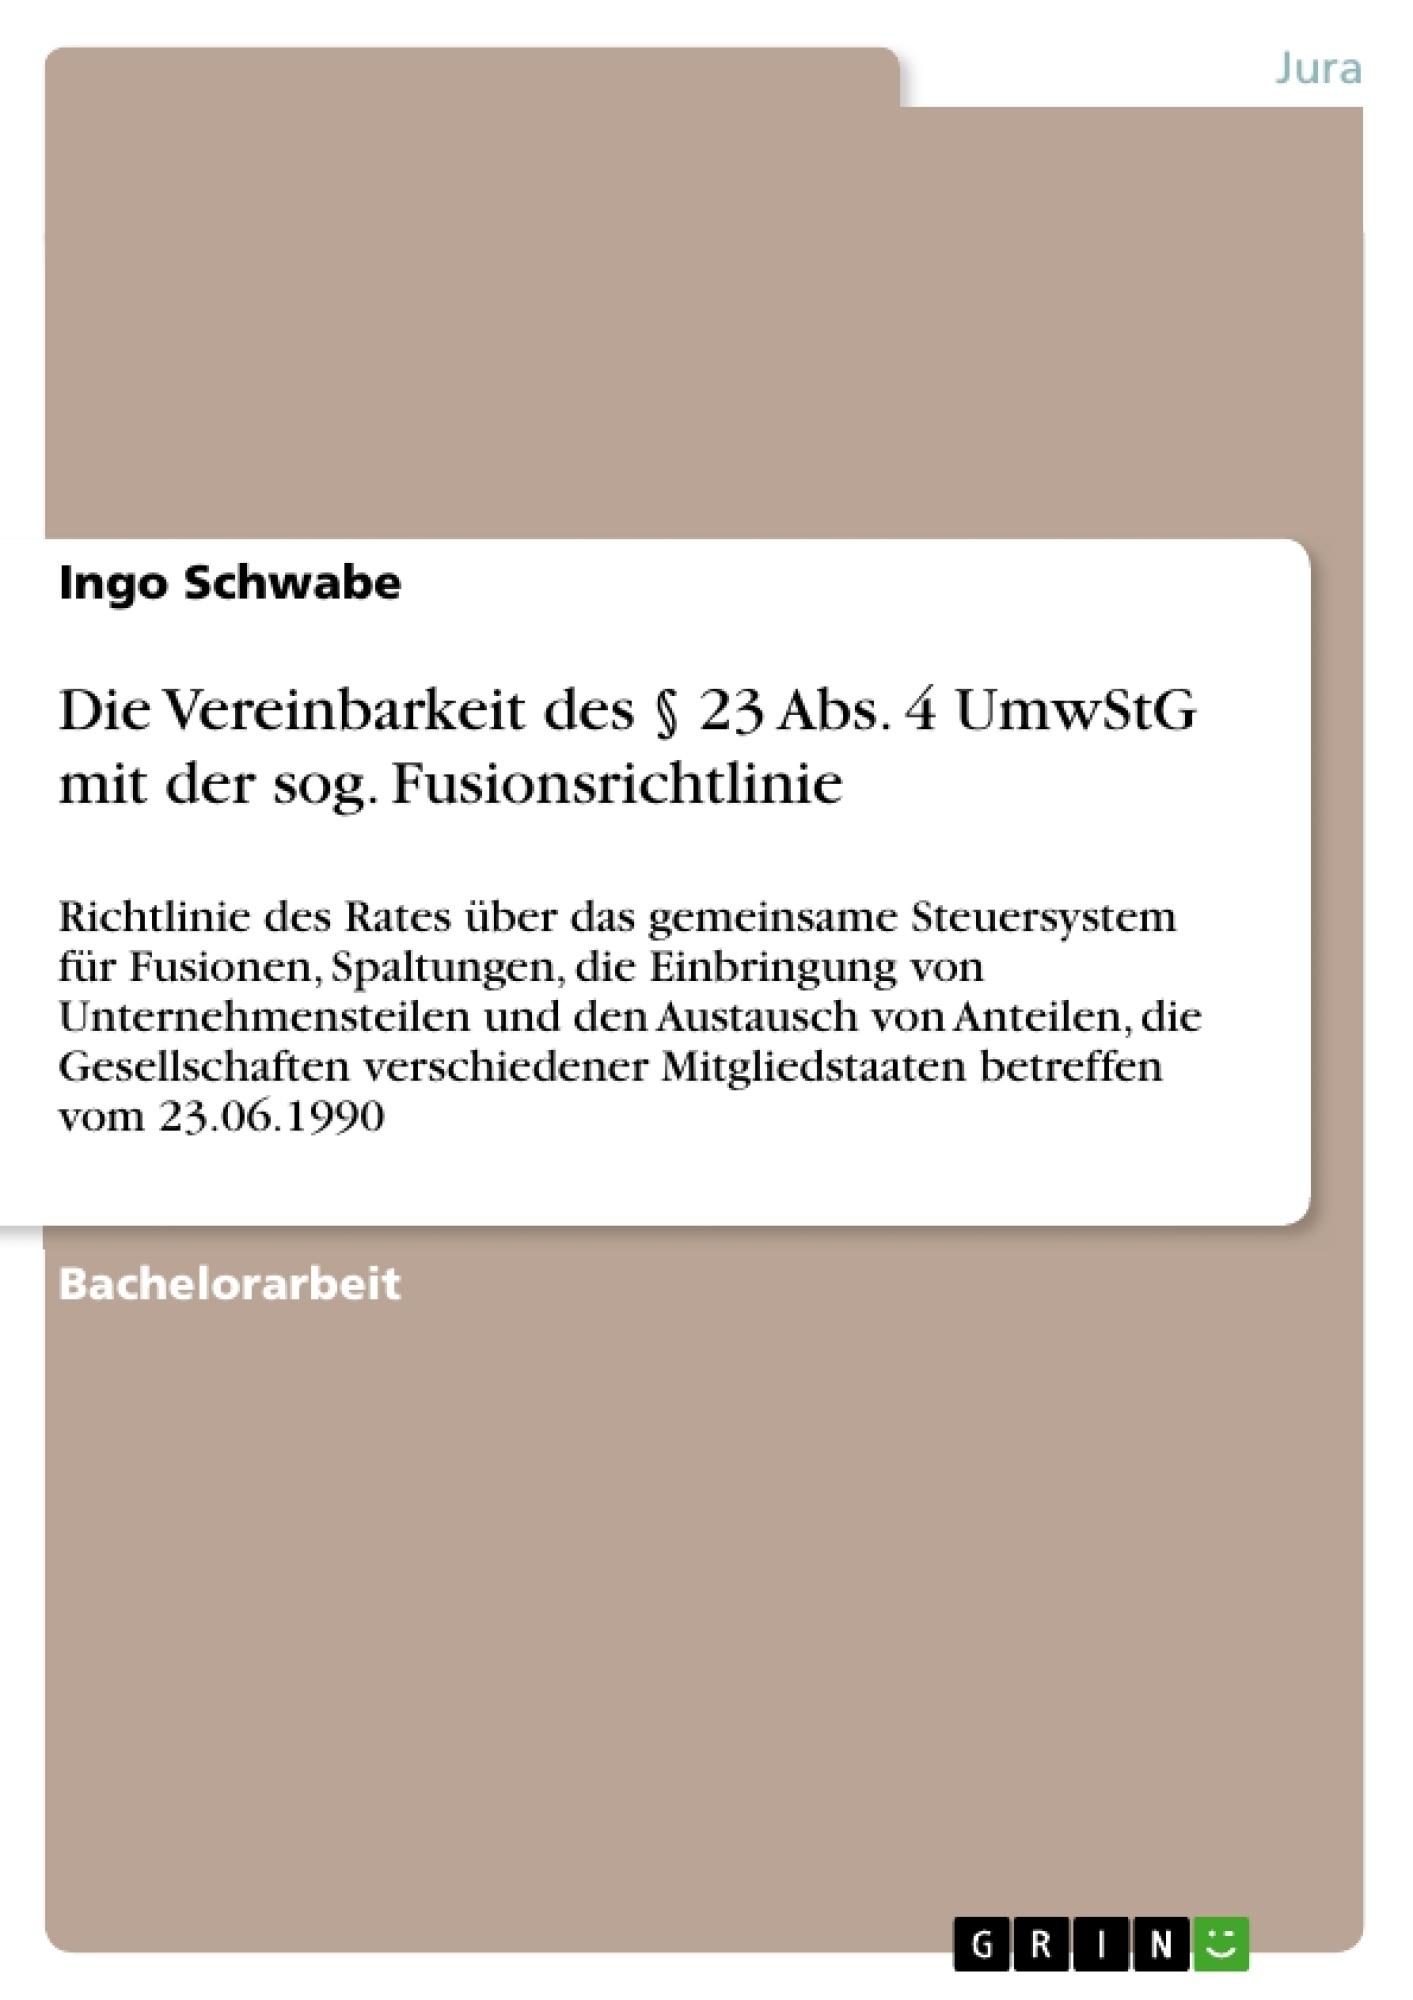 Titel: Die Vereinbarkeit des § 23 Abs. 4 UmwStG mit der sog. Fusionsrichtlinie